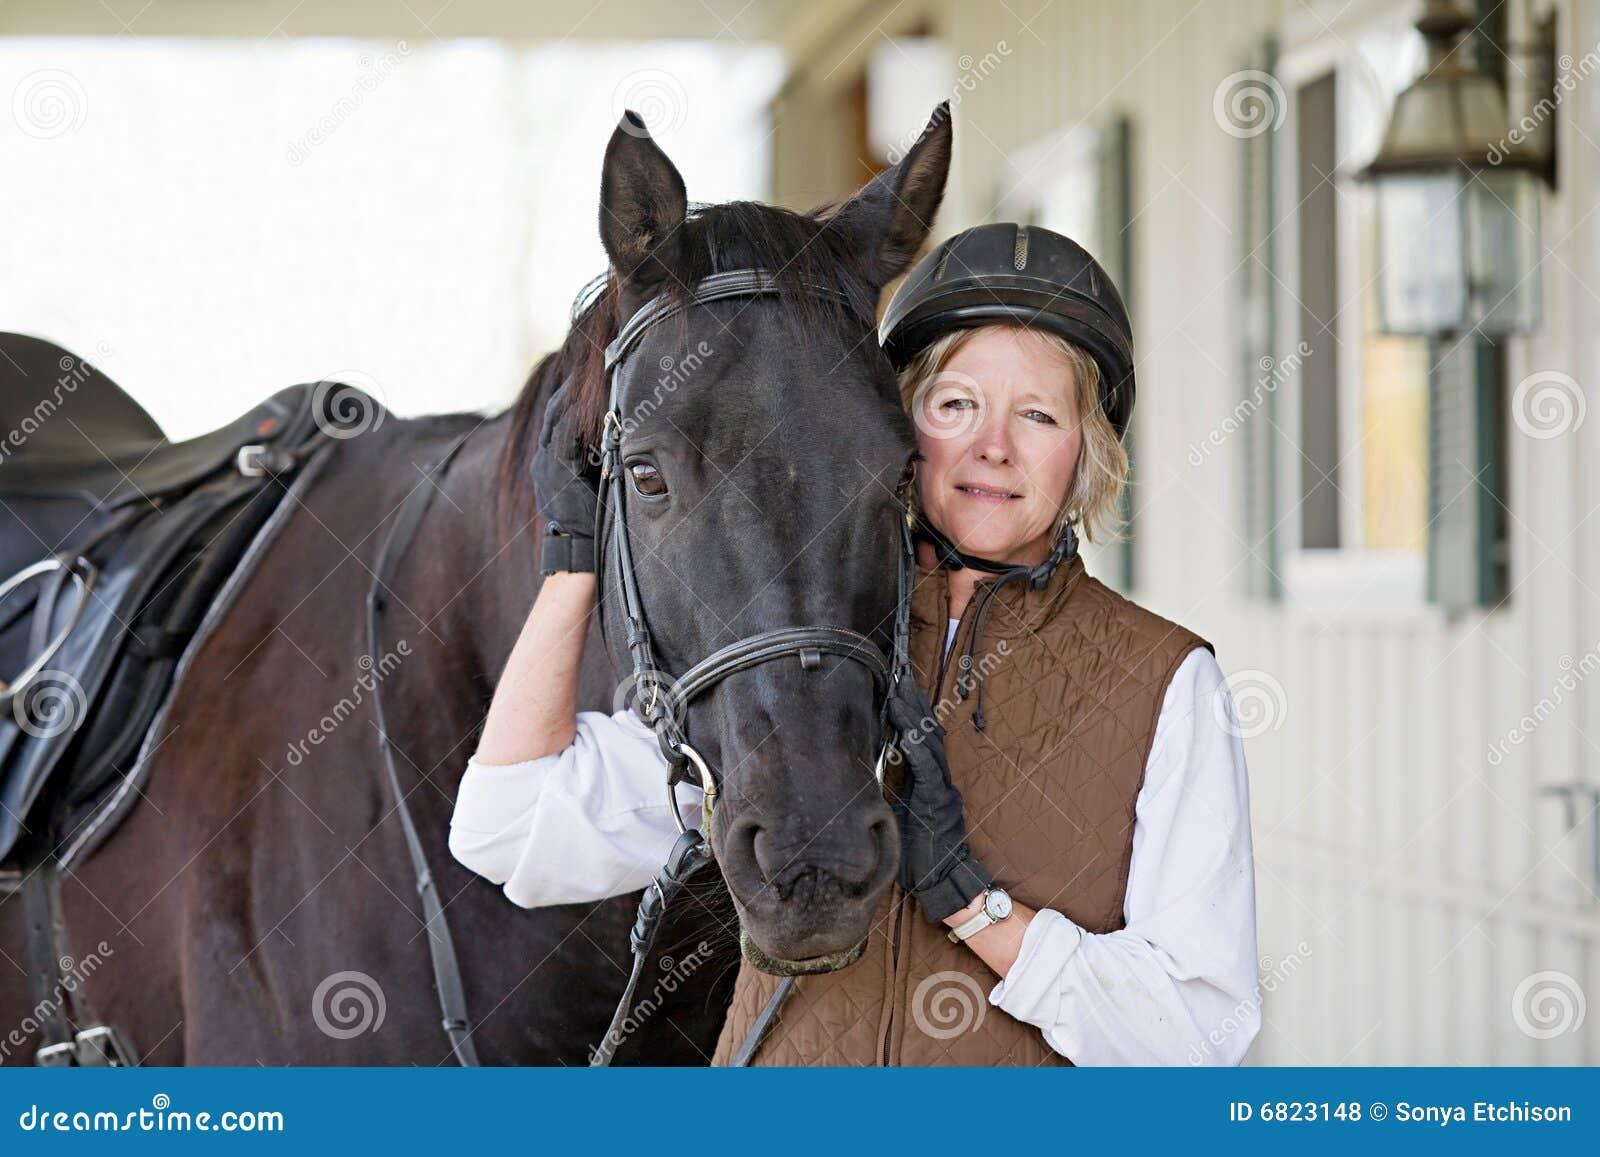 frau wird vom pferd gefickt